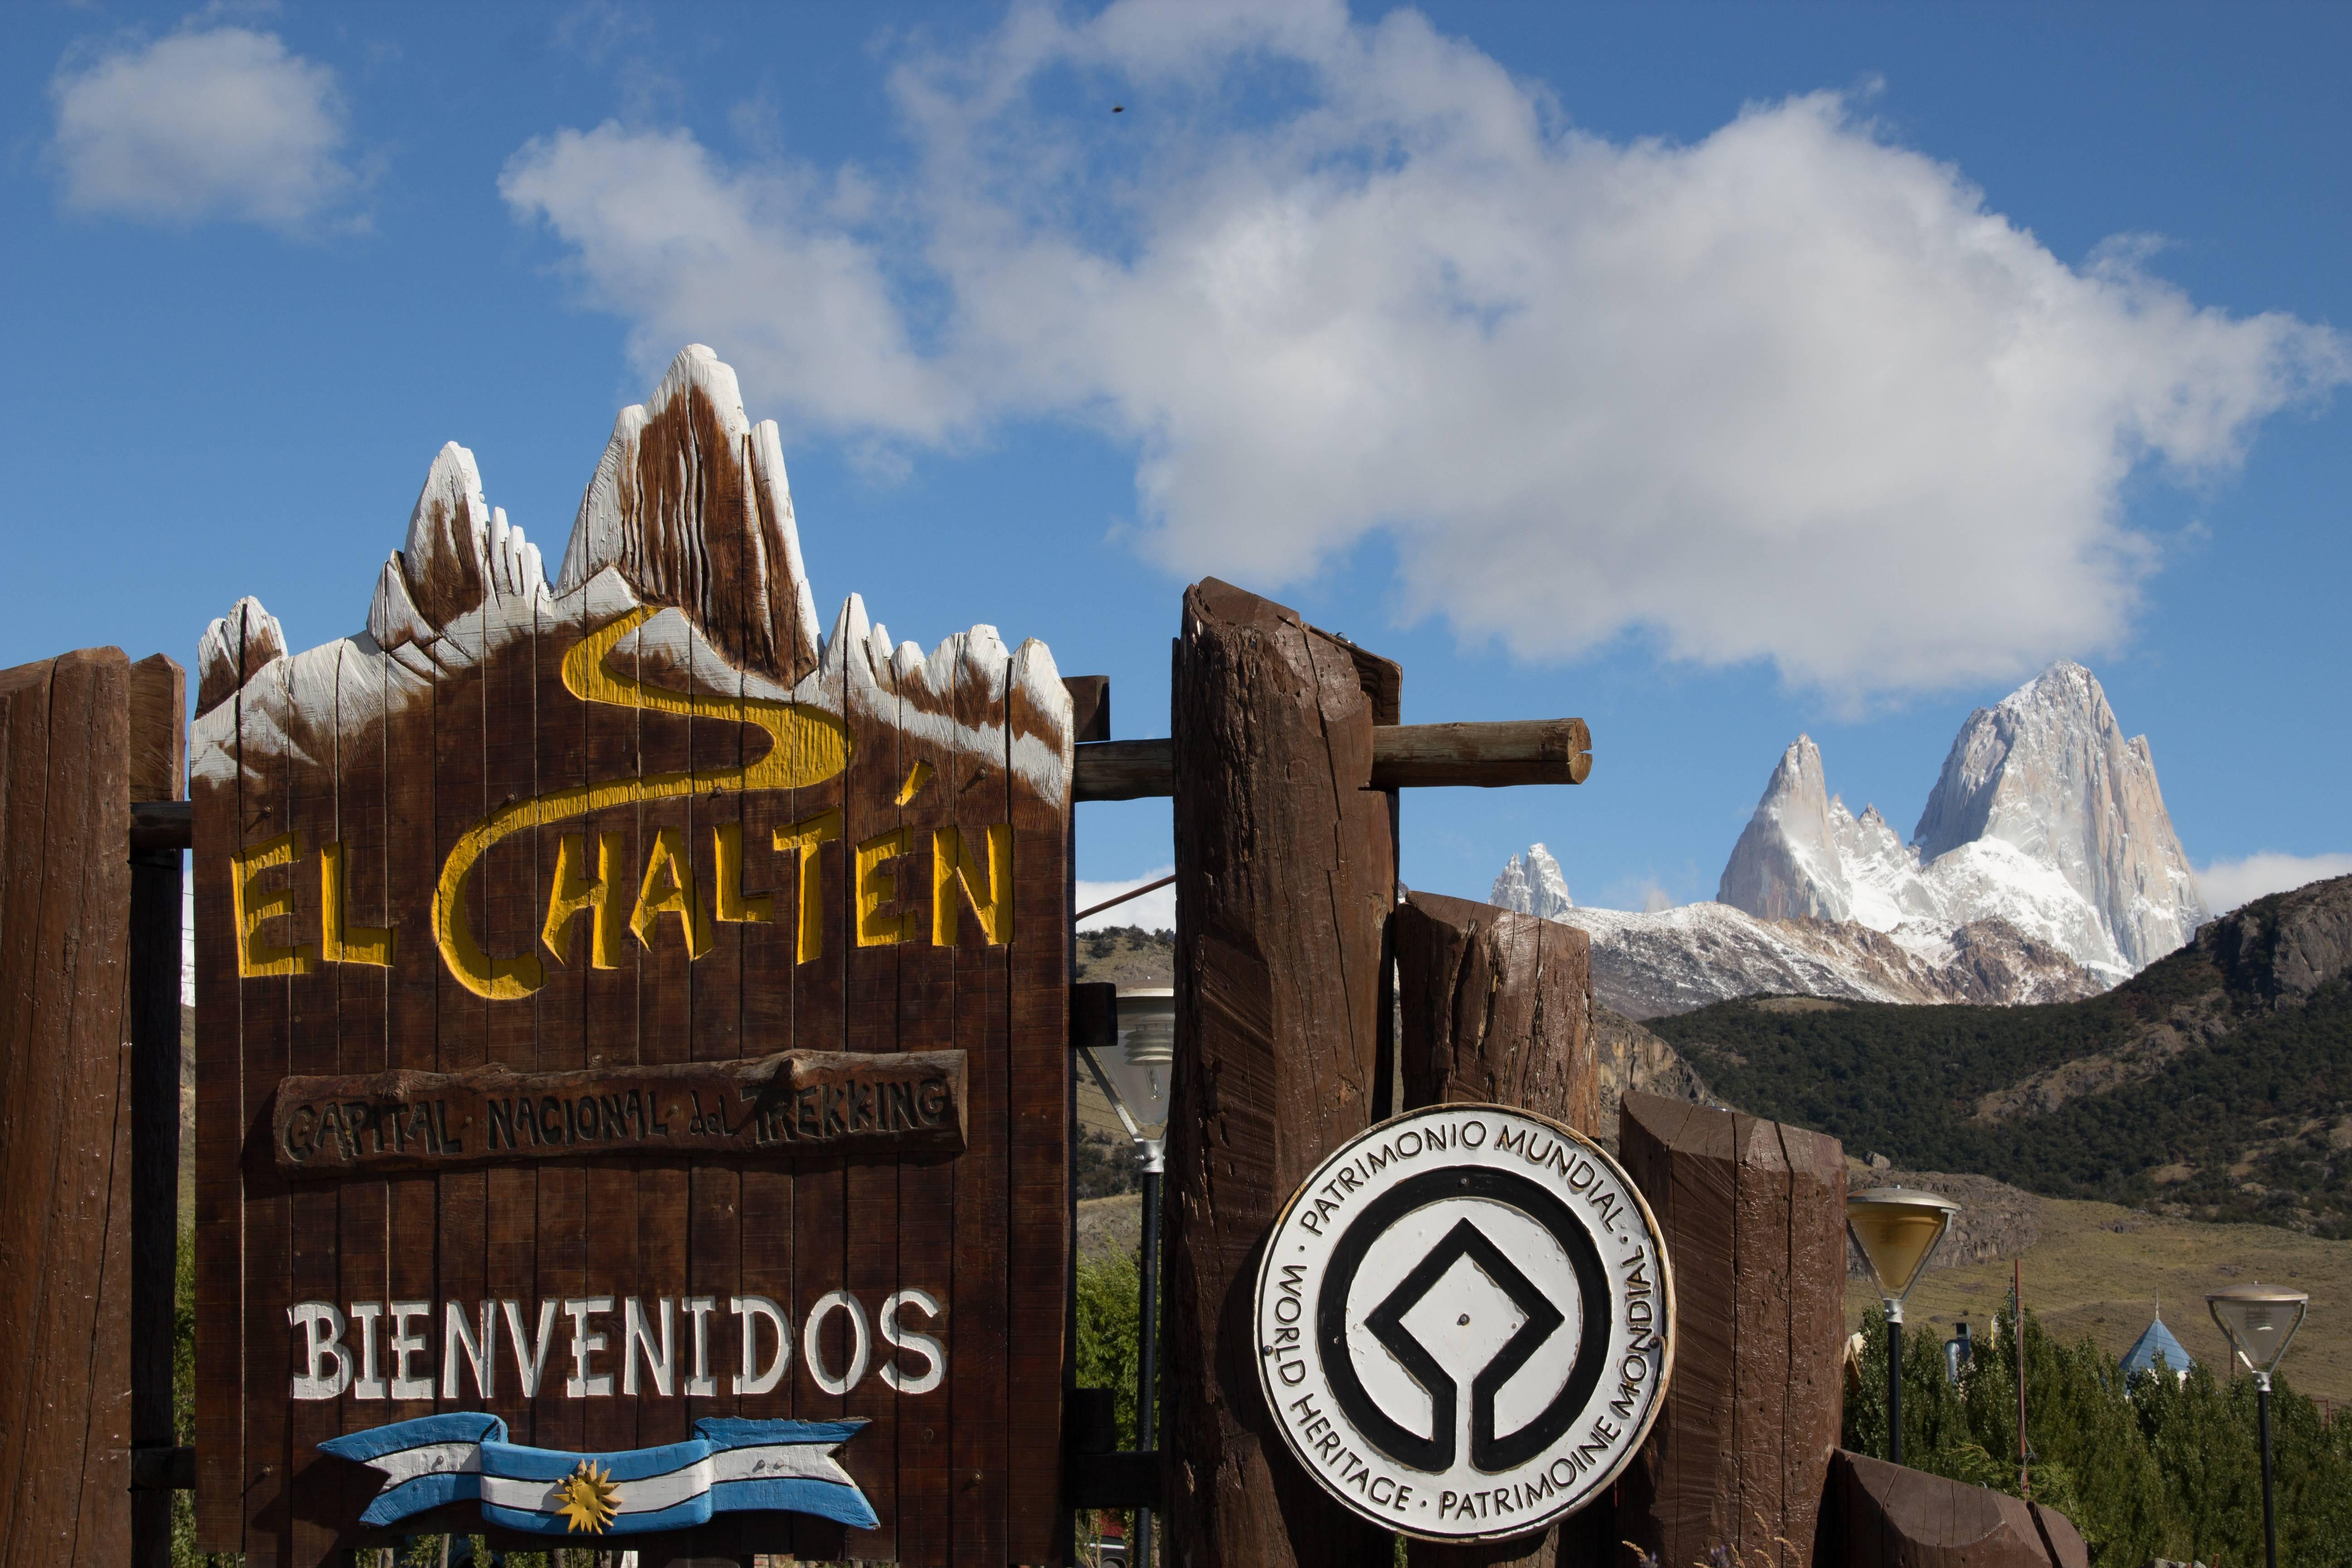 Photo 2: El Chalten - La capitale du Trekking en Argentine